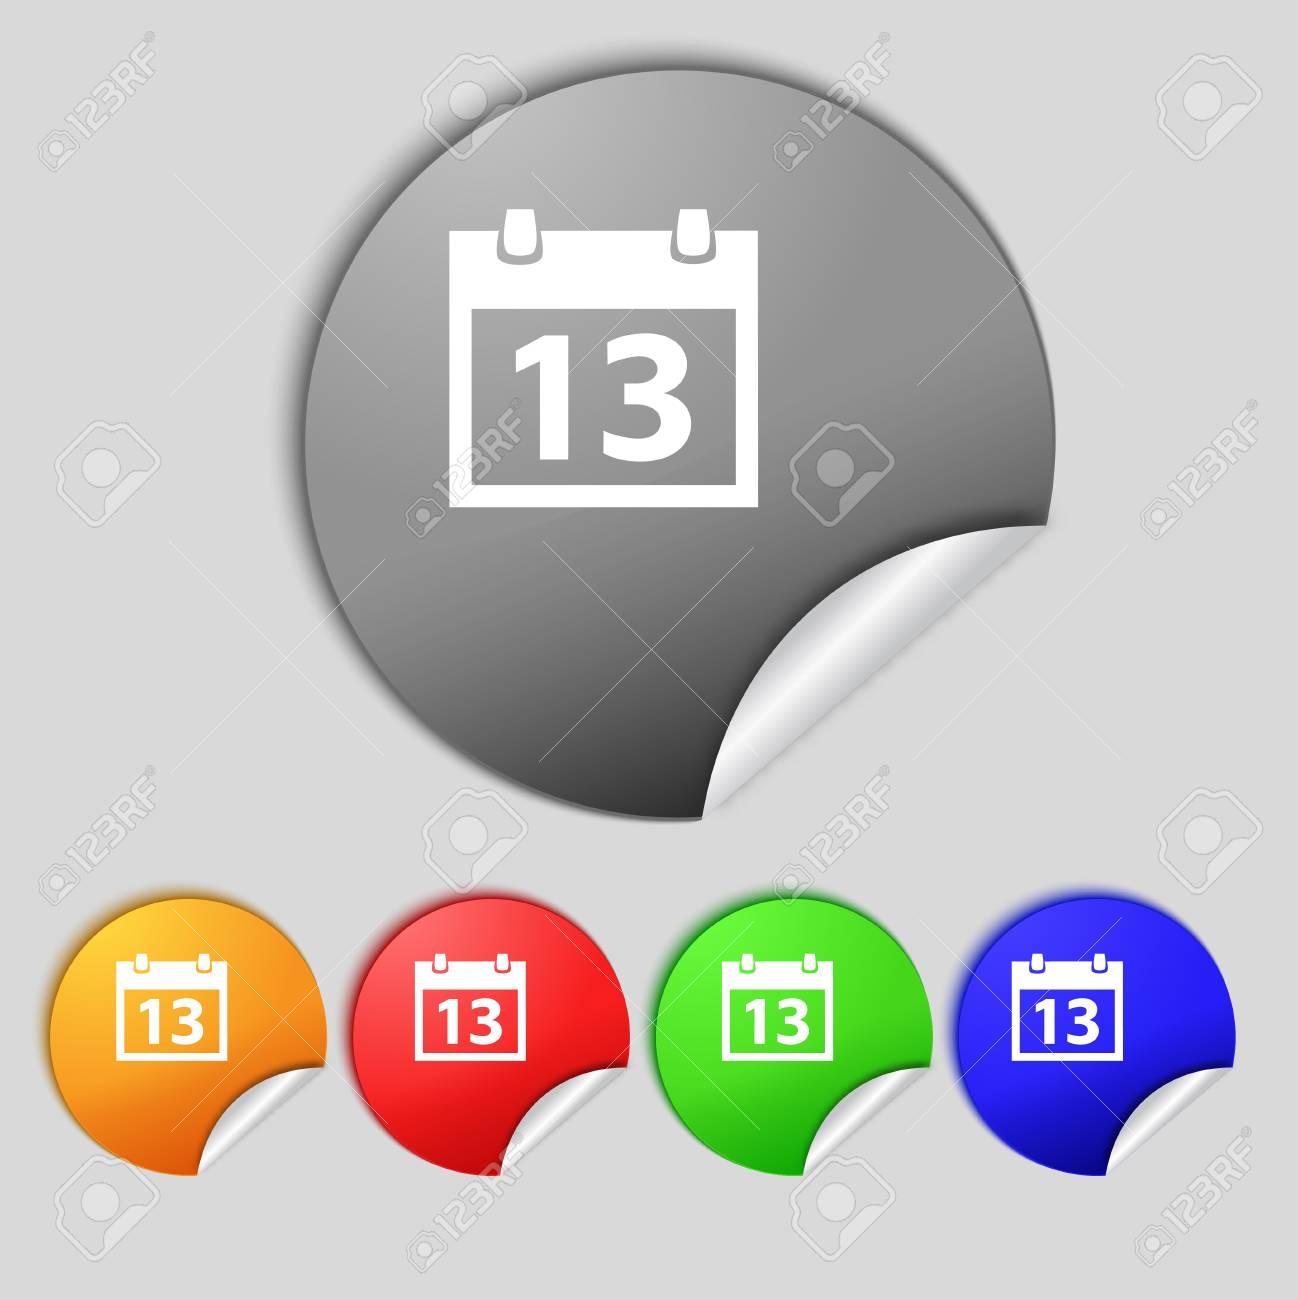 Imposta Calendario.Icona Del Segno Di Calendario Simbolo Del Mese Pulsante Data Imposta Pulsanti Colur Illustrazione